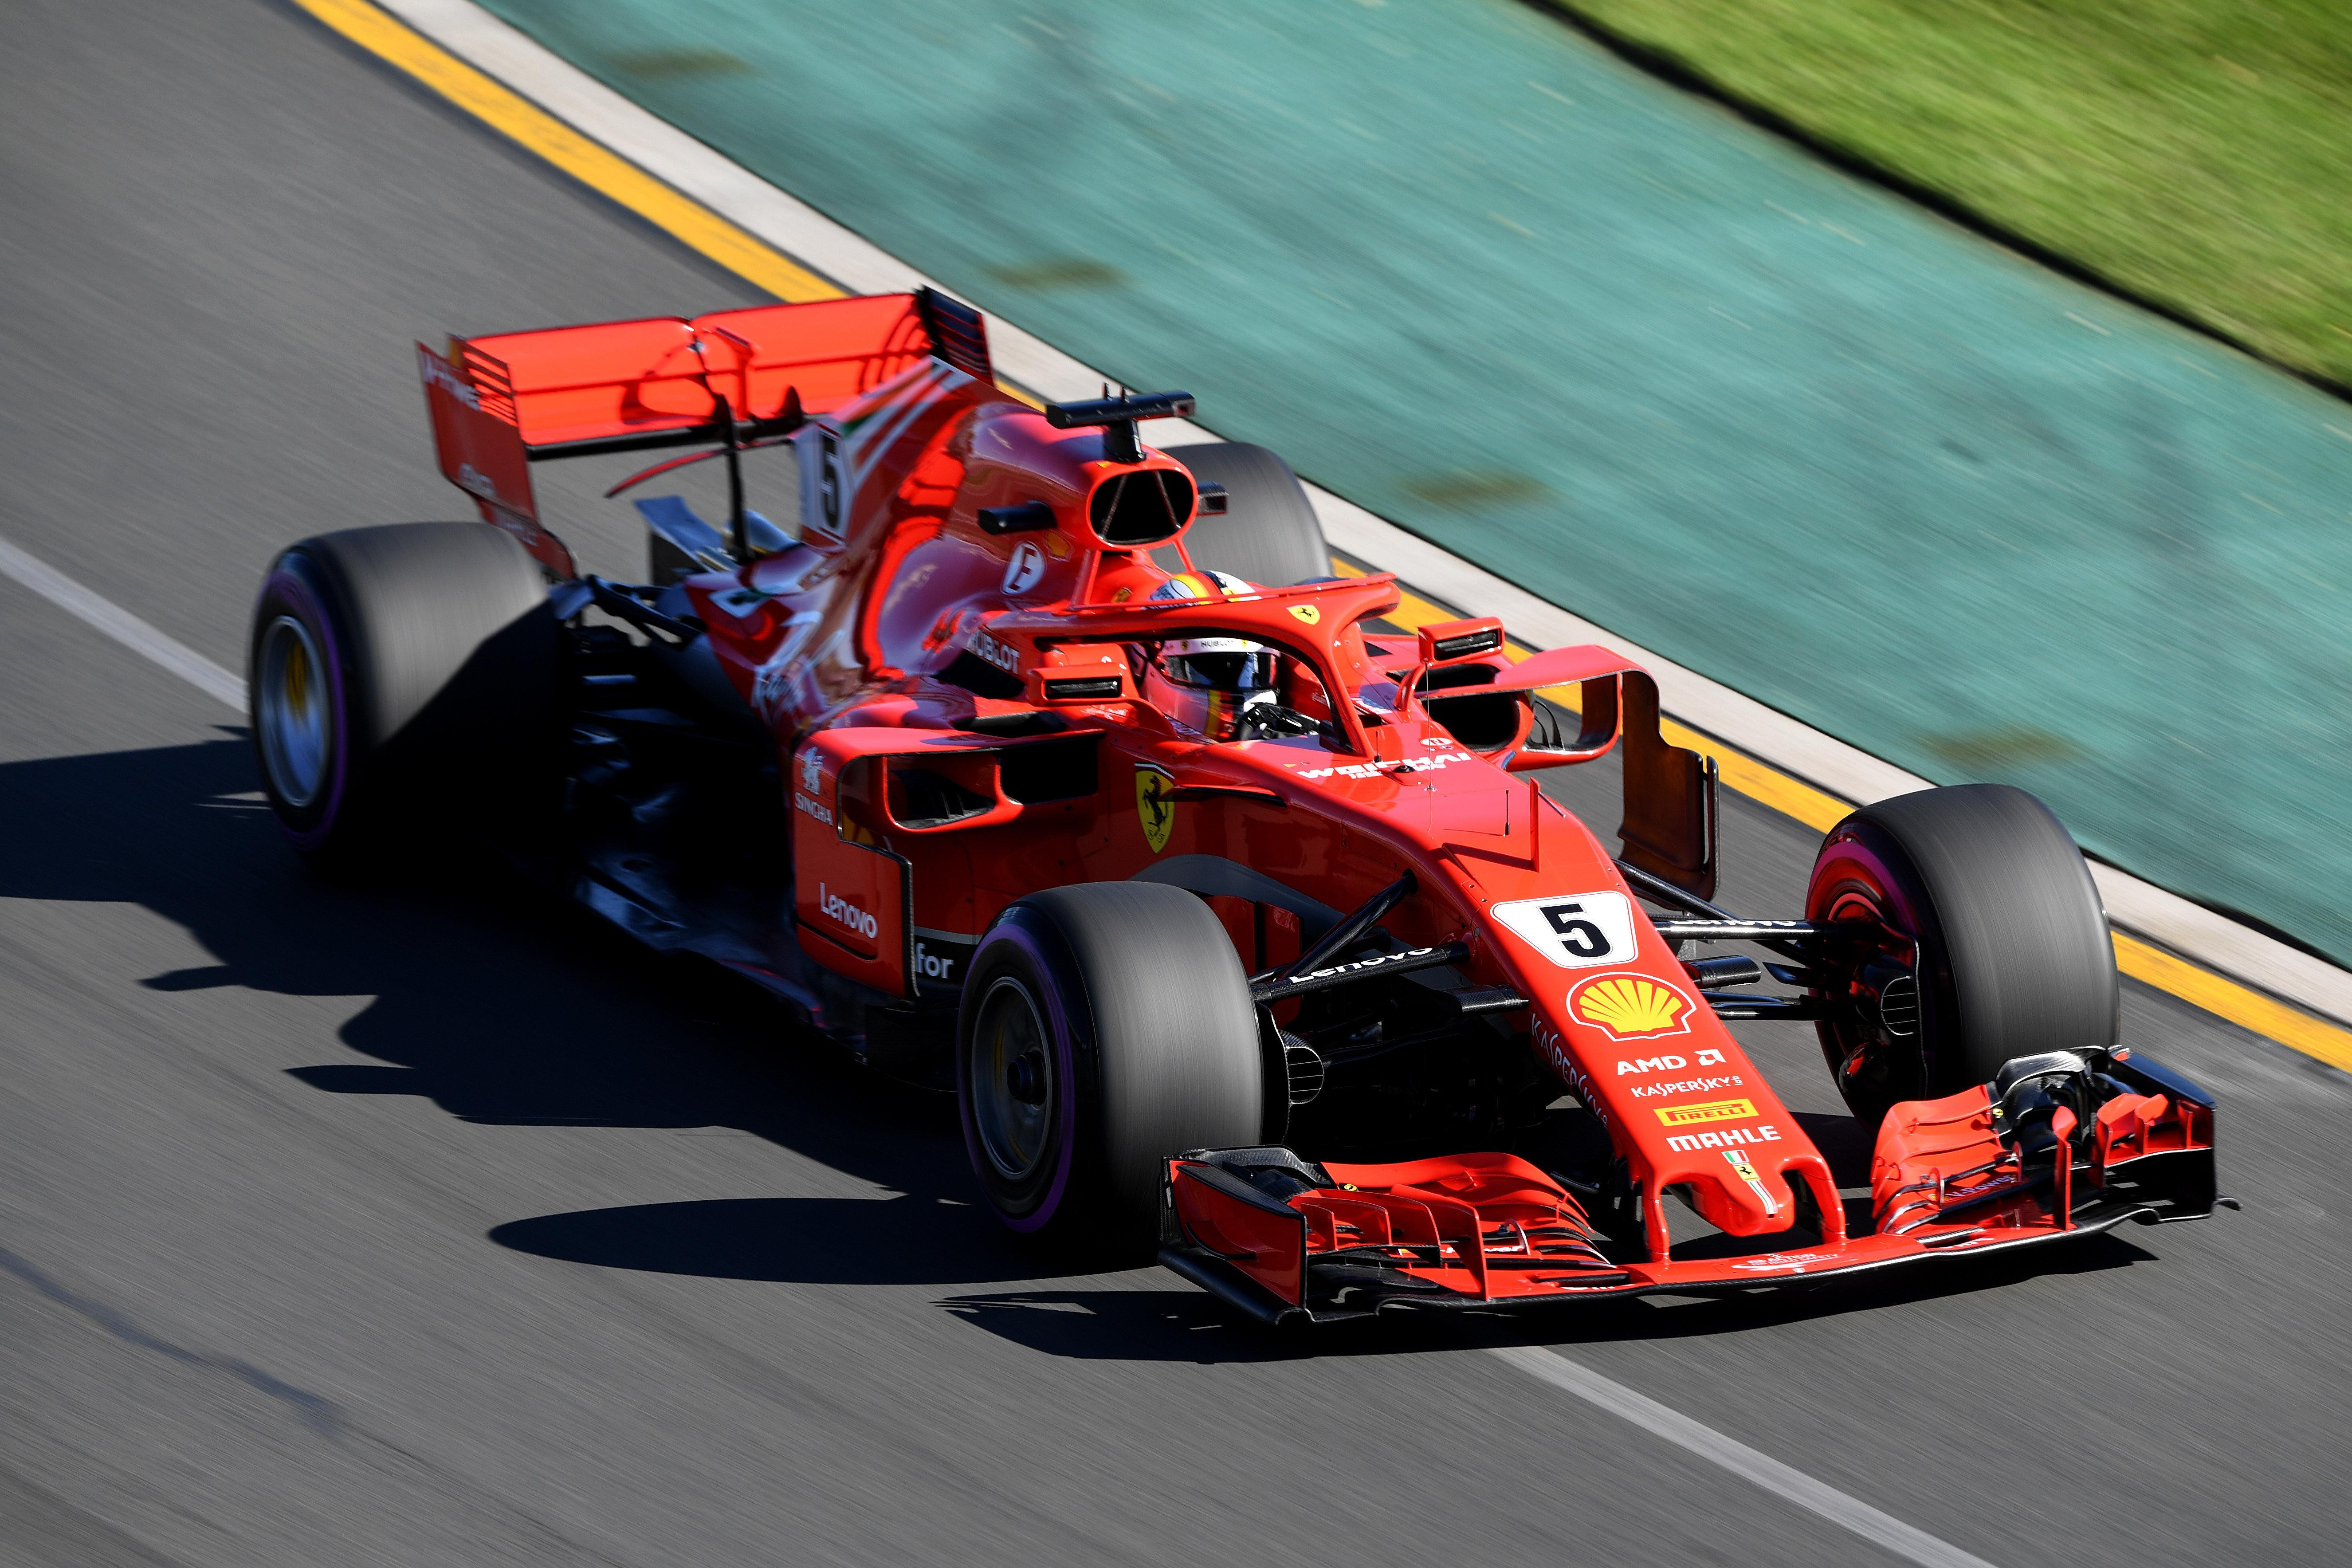 Formel 1 im Live-Stream: den Großen Preis von Australien online sehen, so